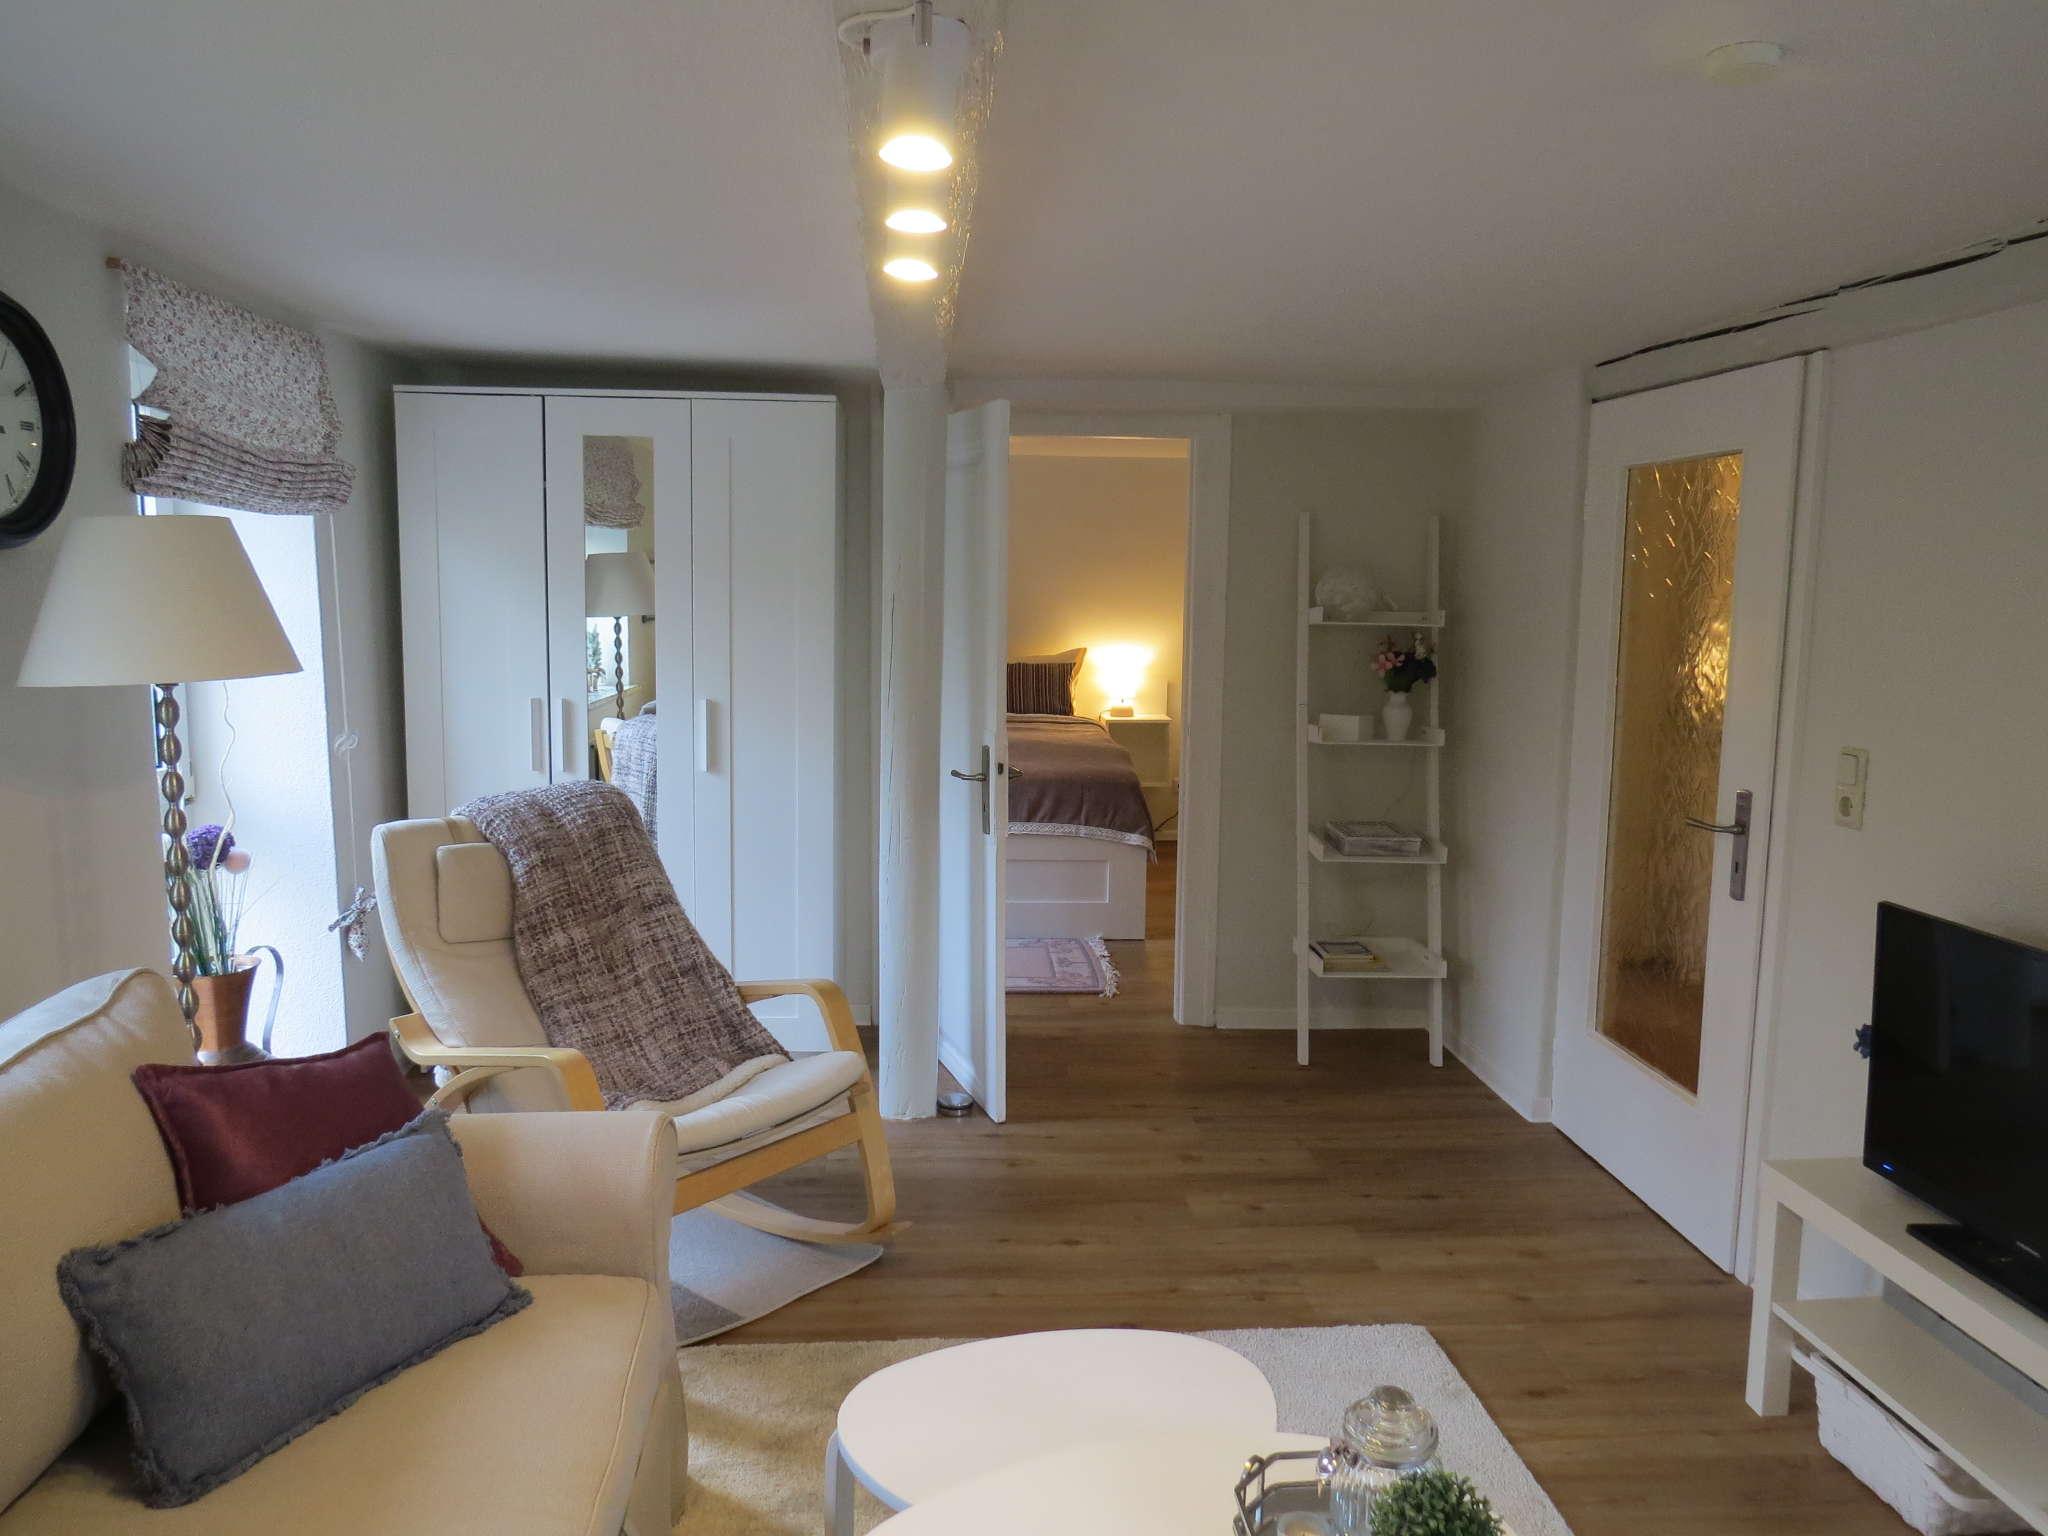 Wohnzimmer mit Sitzecke und Einzelbett